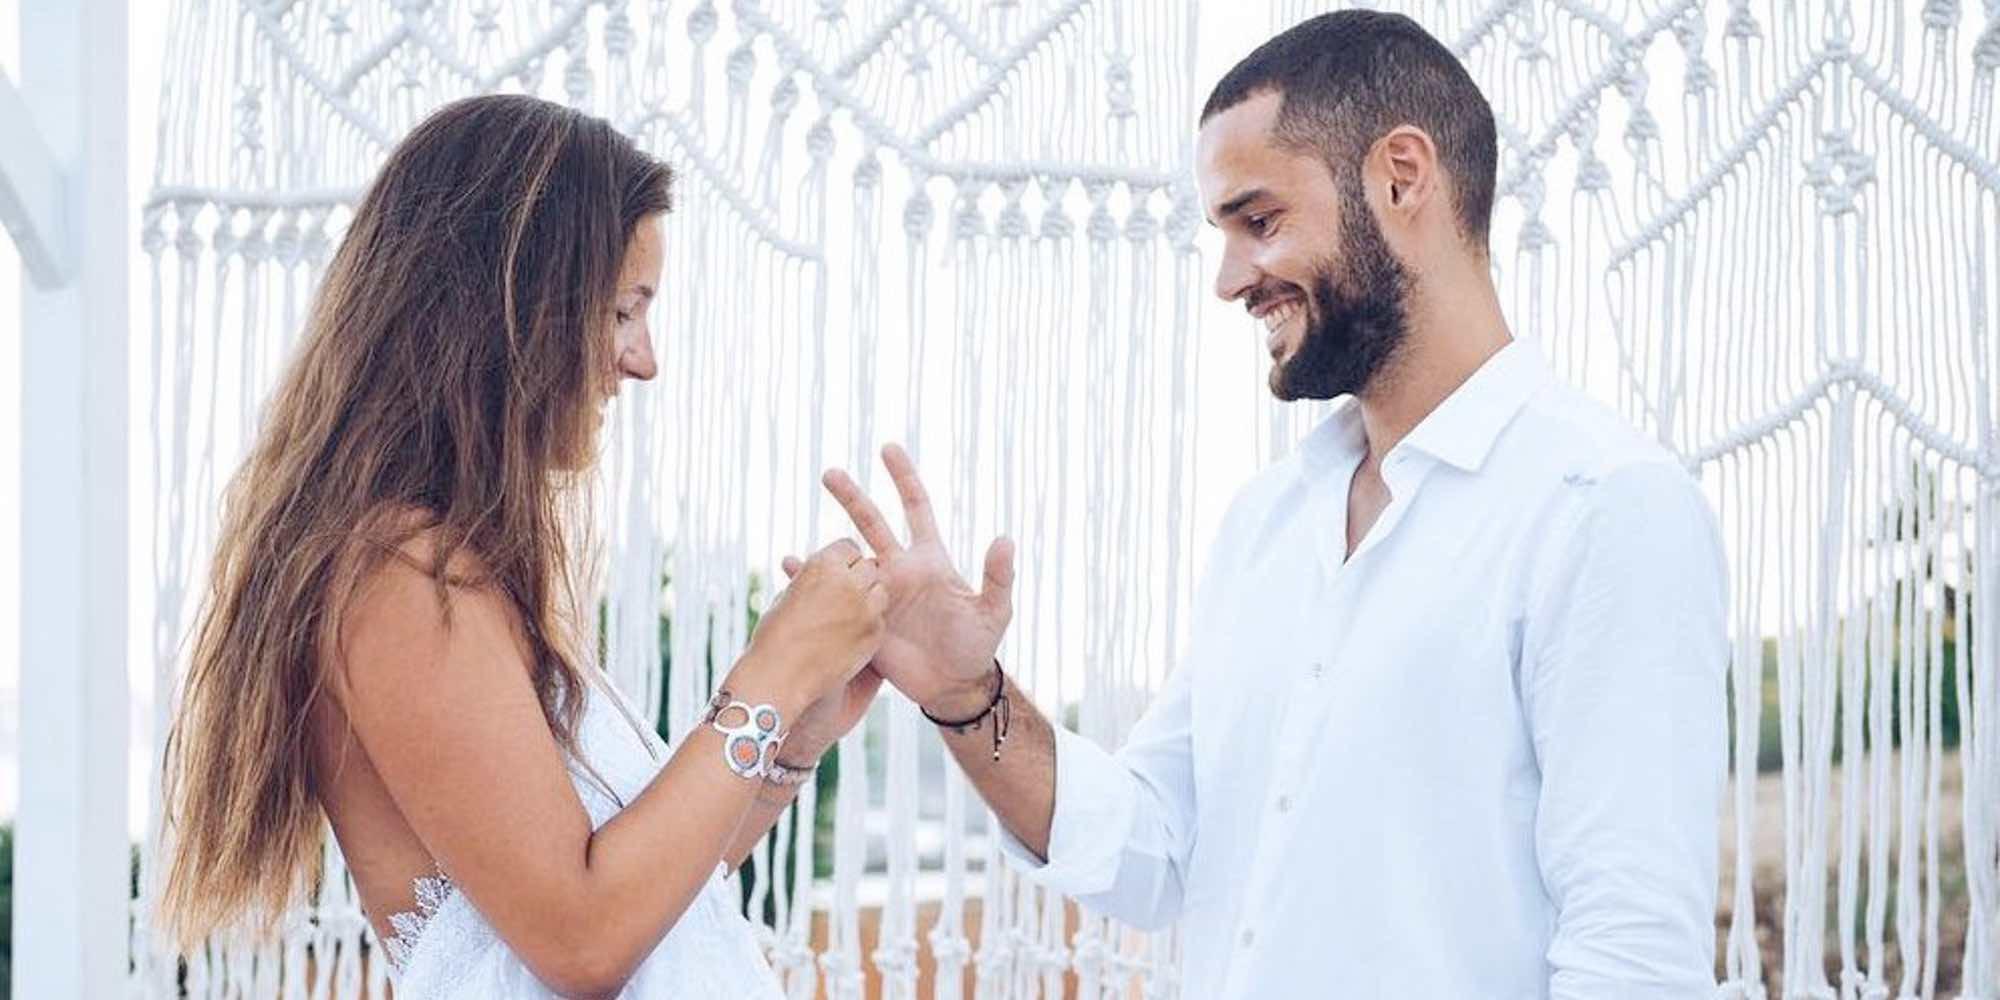 """Malena Costa cuenta cómo fue su 'sí quiero' a Mario Suárez: """"Pensé que iba a una fiesta... y era mi boda"""""""